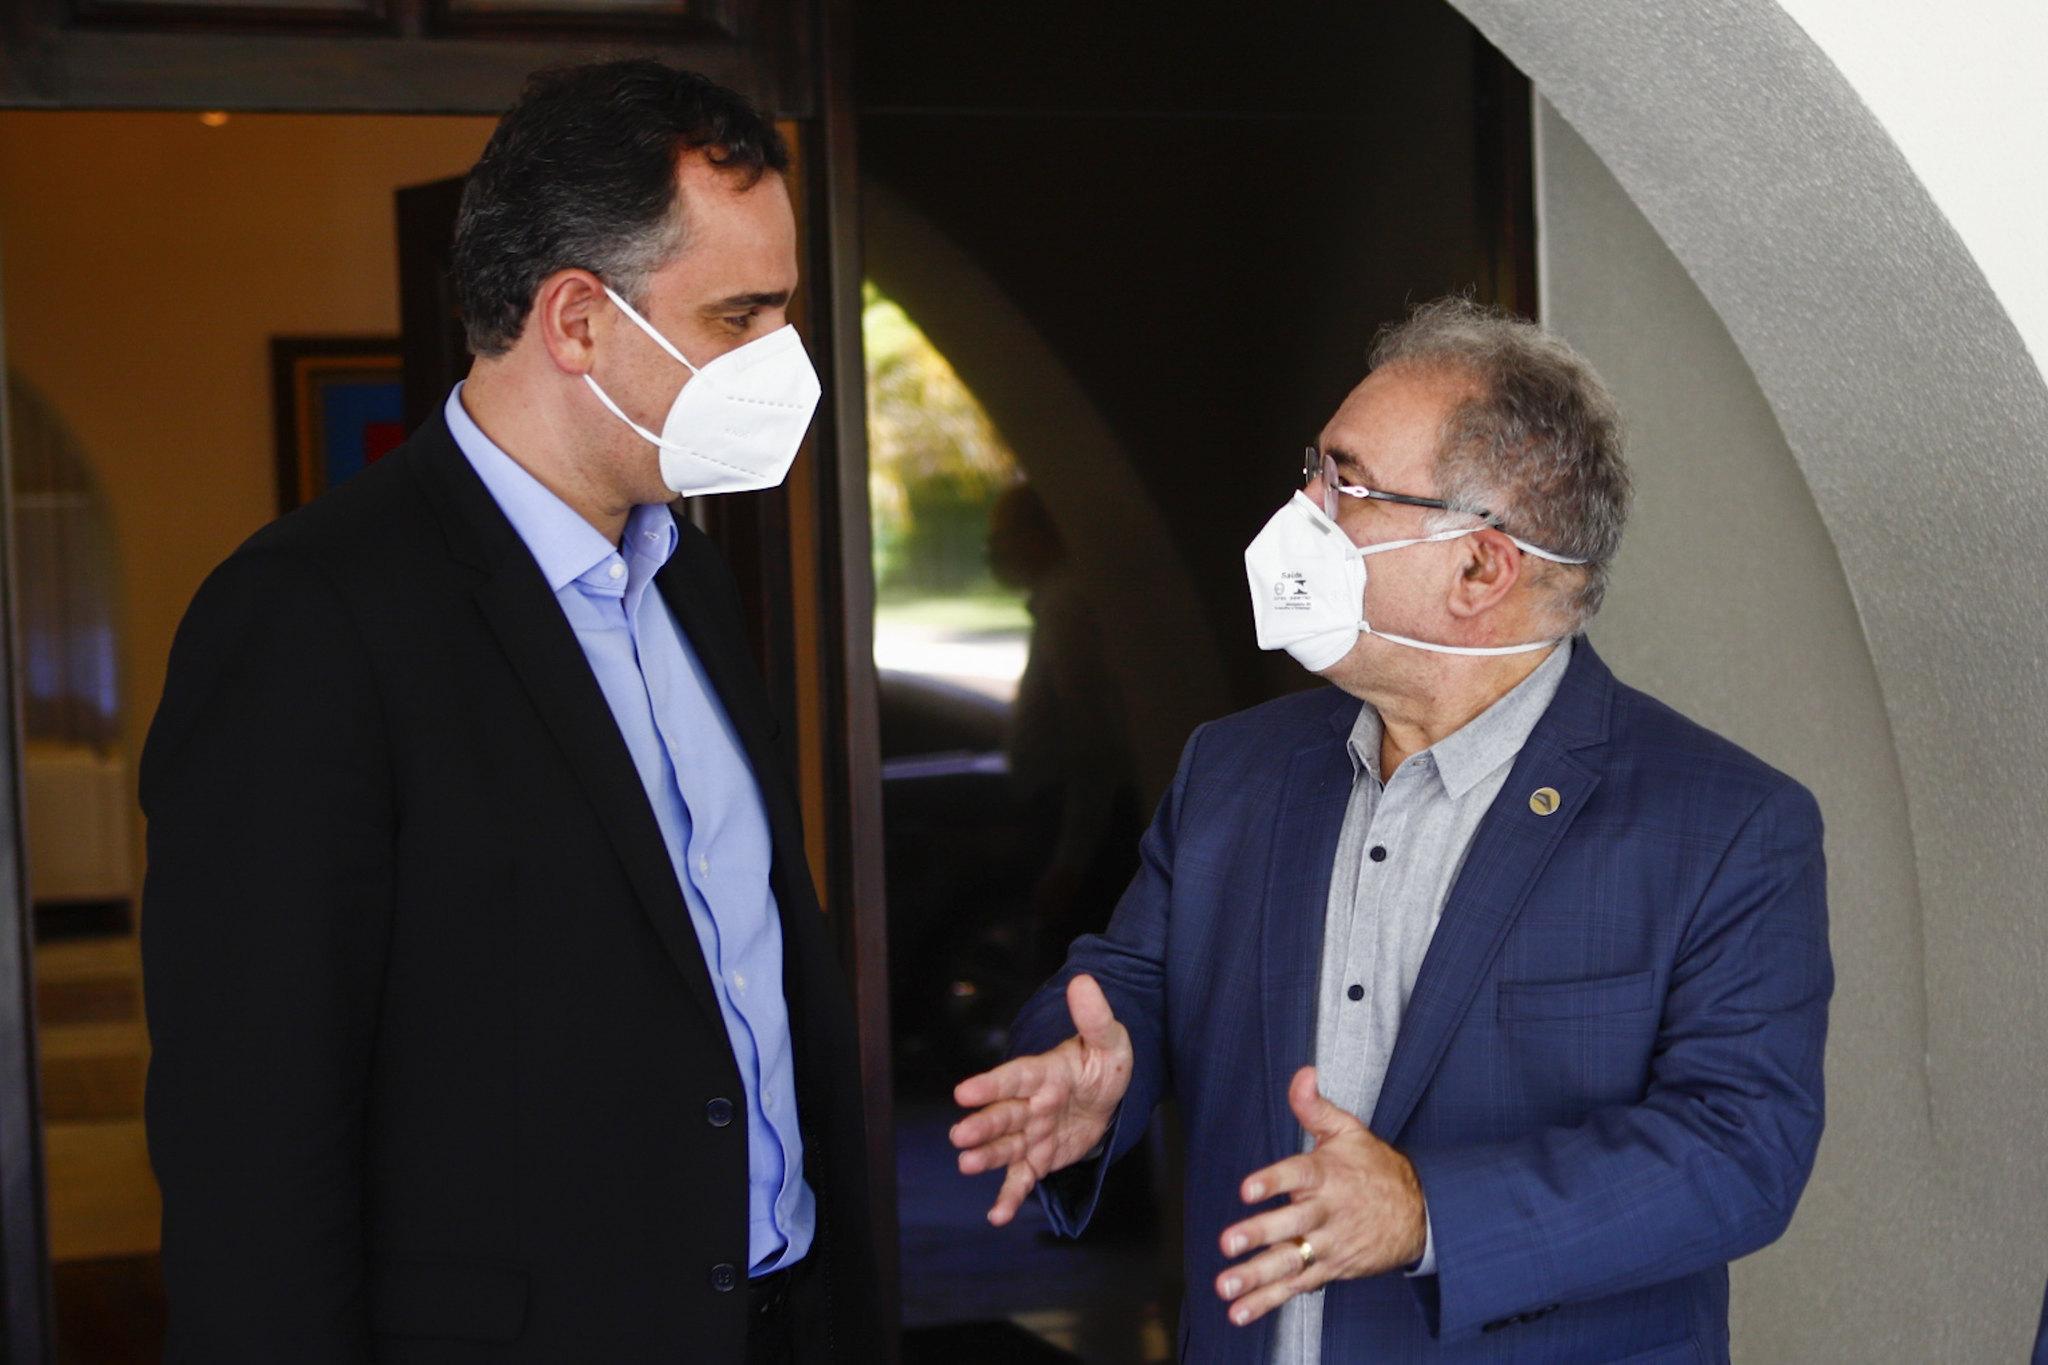 IMAGEM: Governo brinca de 'passa ou repassa' sobre reunião do comitê da pandemia